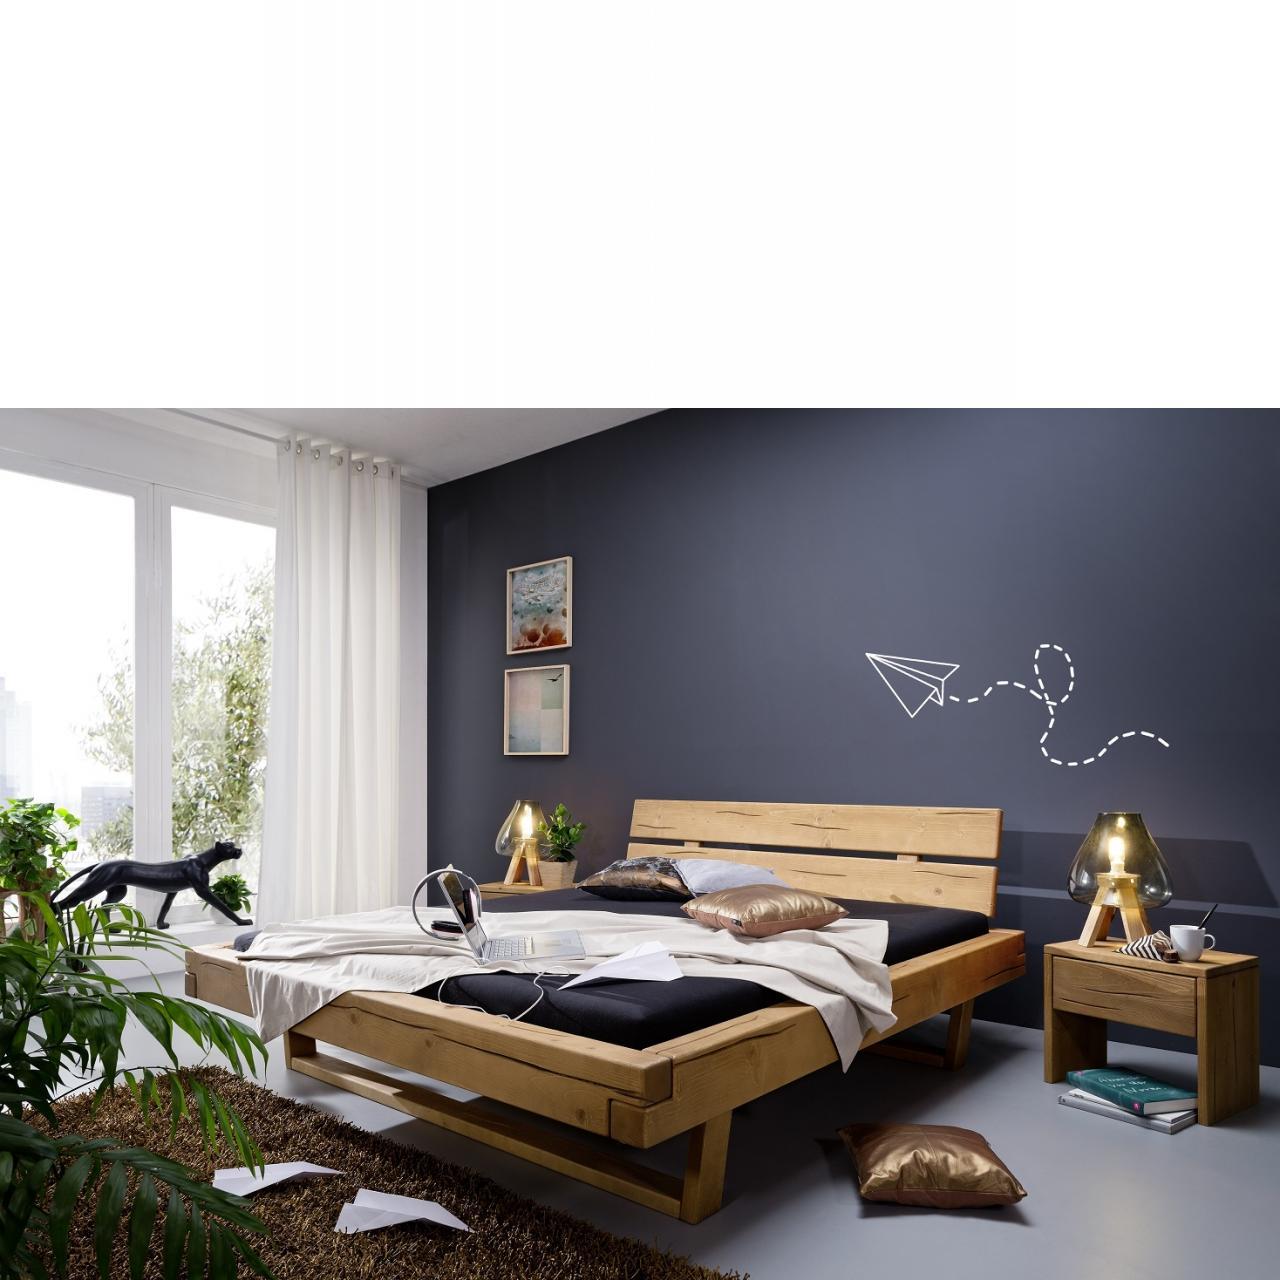 Bett BE-16 Kiefer Massiv Honig Eiche Geölt Schlafzimmer 16x16